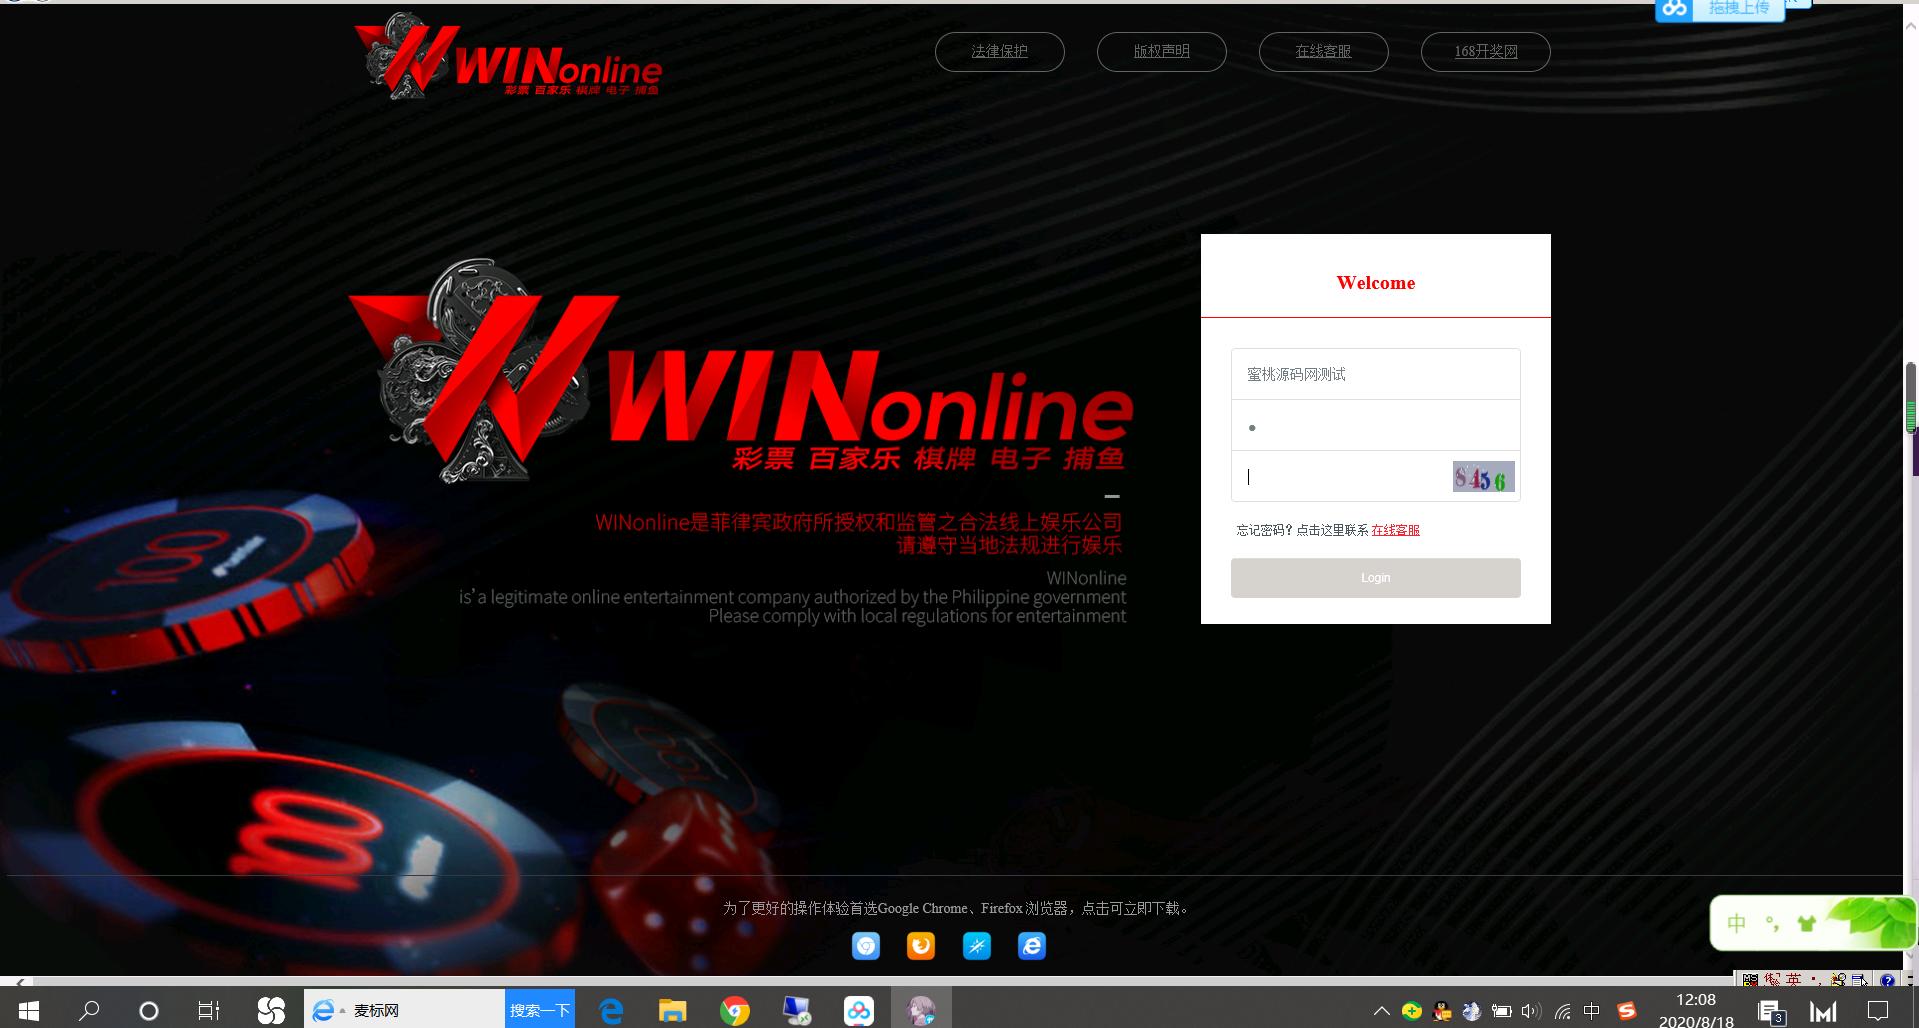 2020最新winonline二开黑猫修复版美化新版UI/带时薪/视频教程+采集器